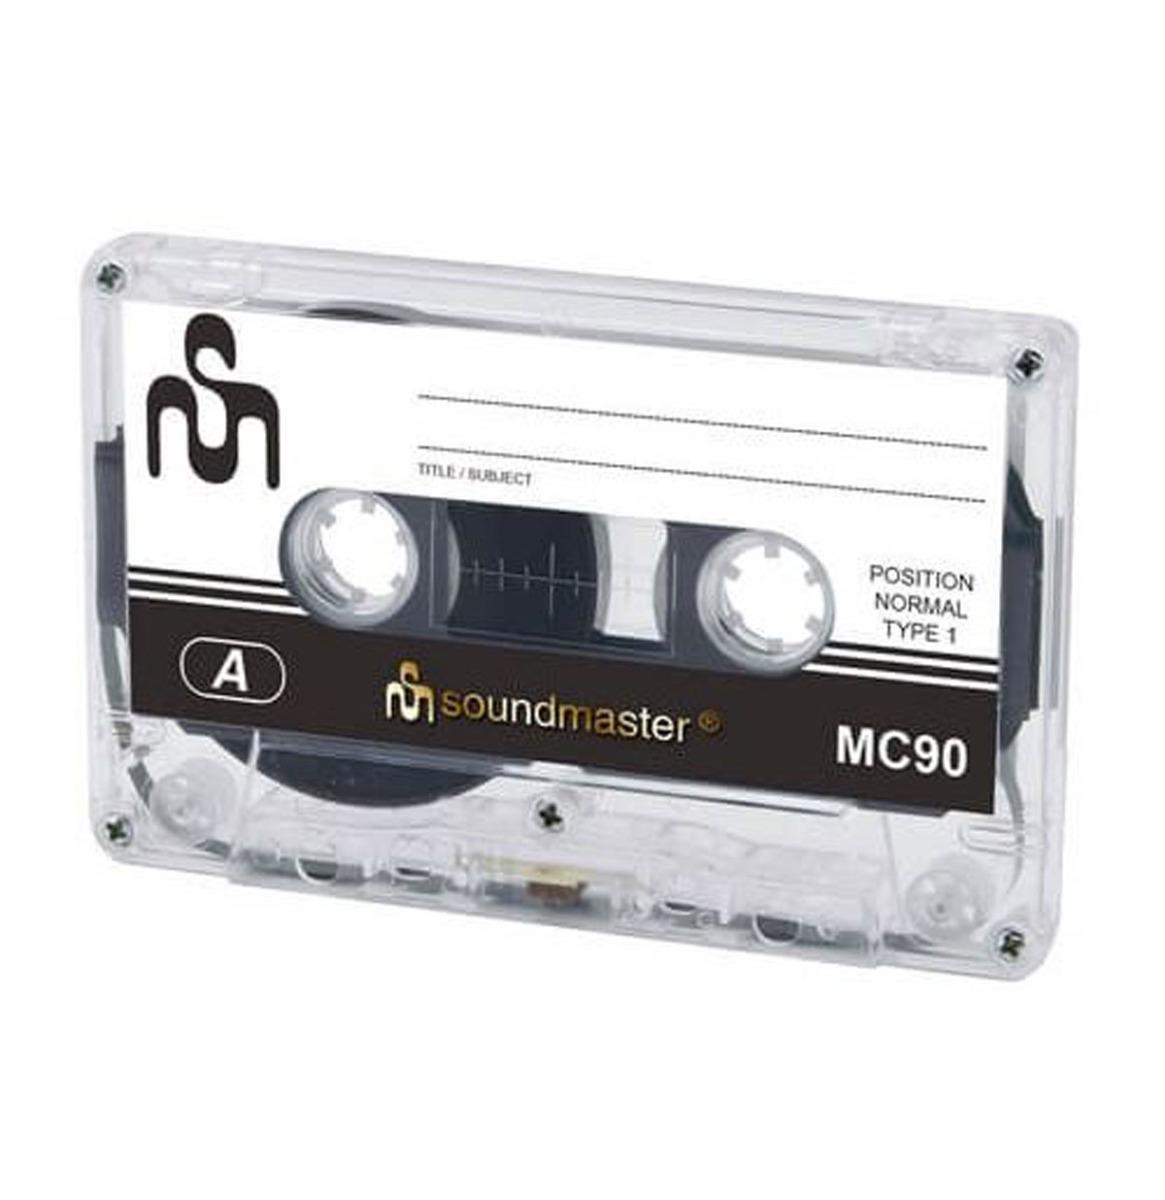 Soundmaster Cassette Bandjes 5 Stuks